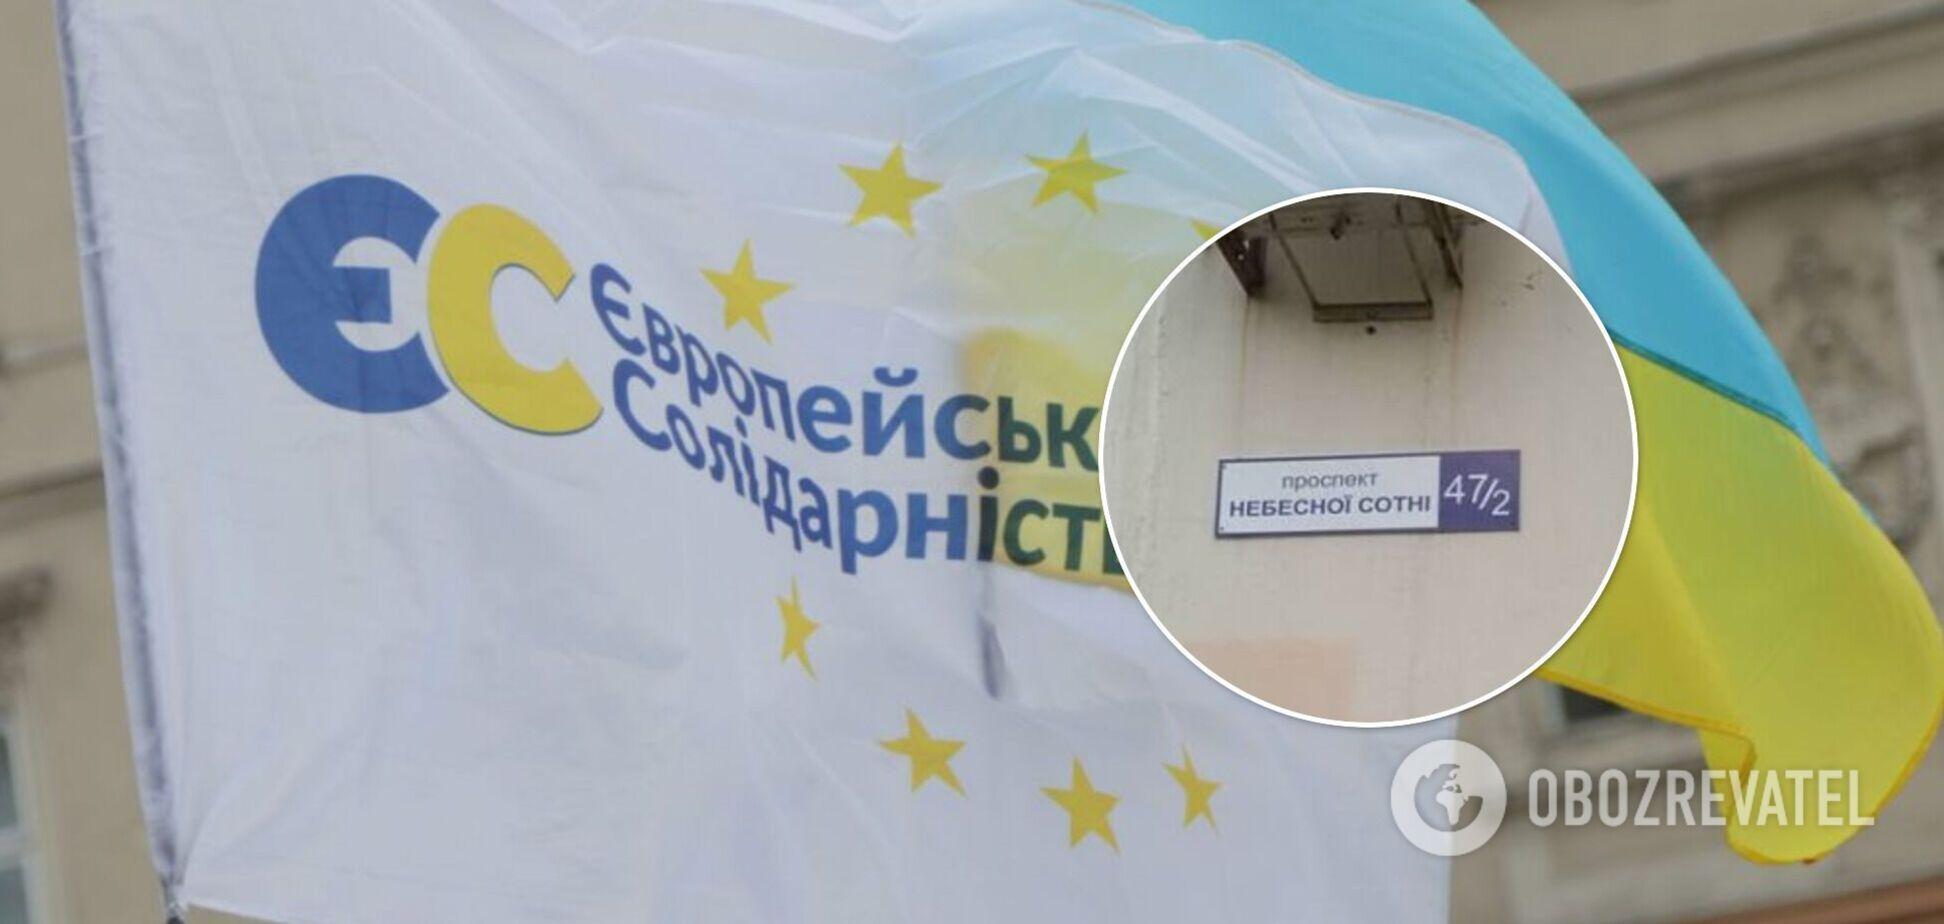 В Одессе суд удовлетворил иск 'Евросолидарности' относительно проспекта Небесной Сотни